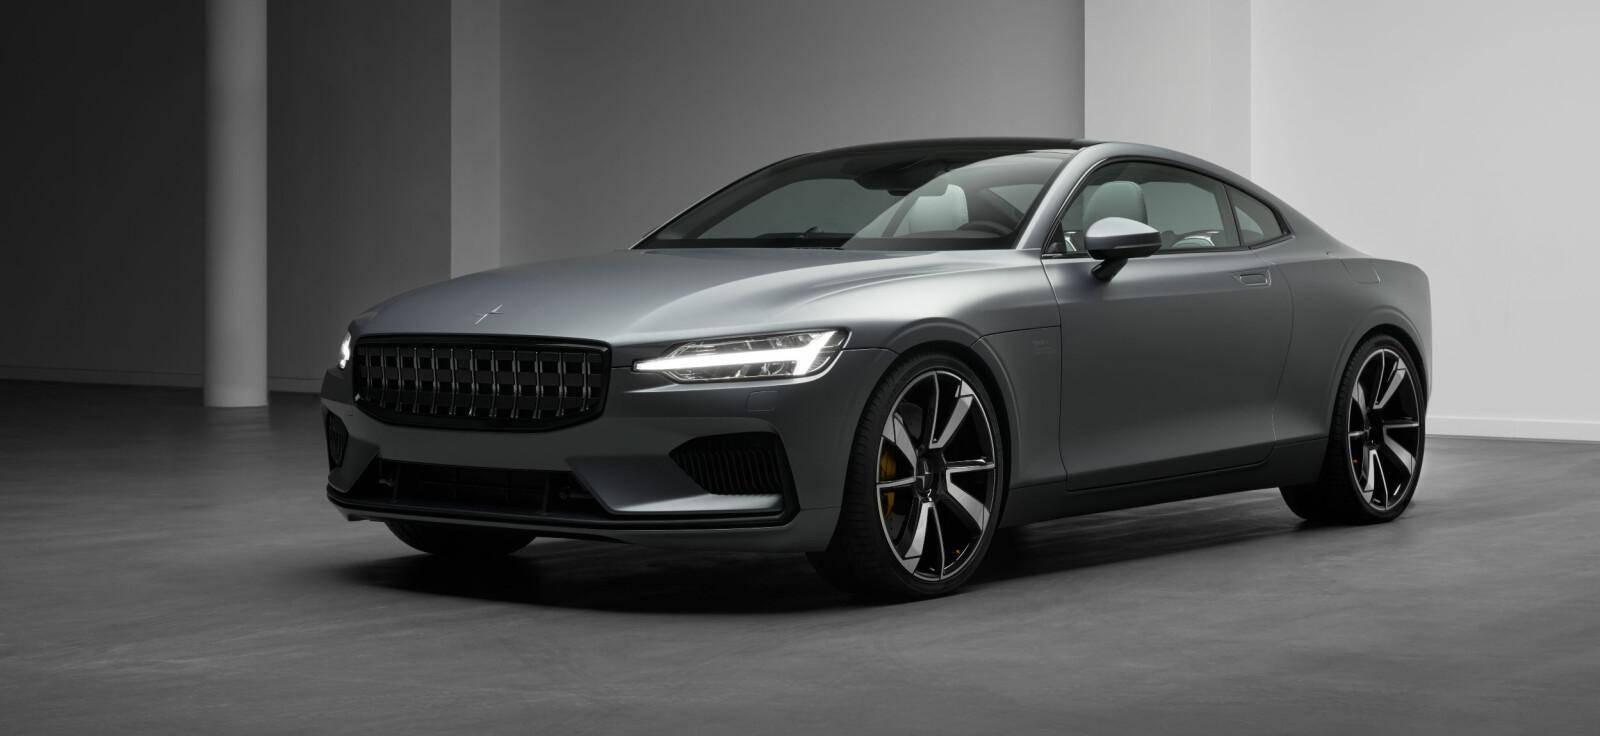 01 er første modell ut fra Polestar, Volvos helelektriske undermerke.